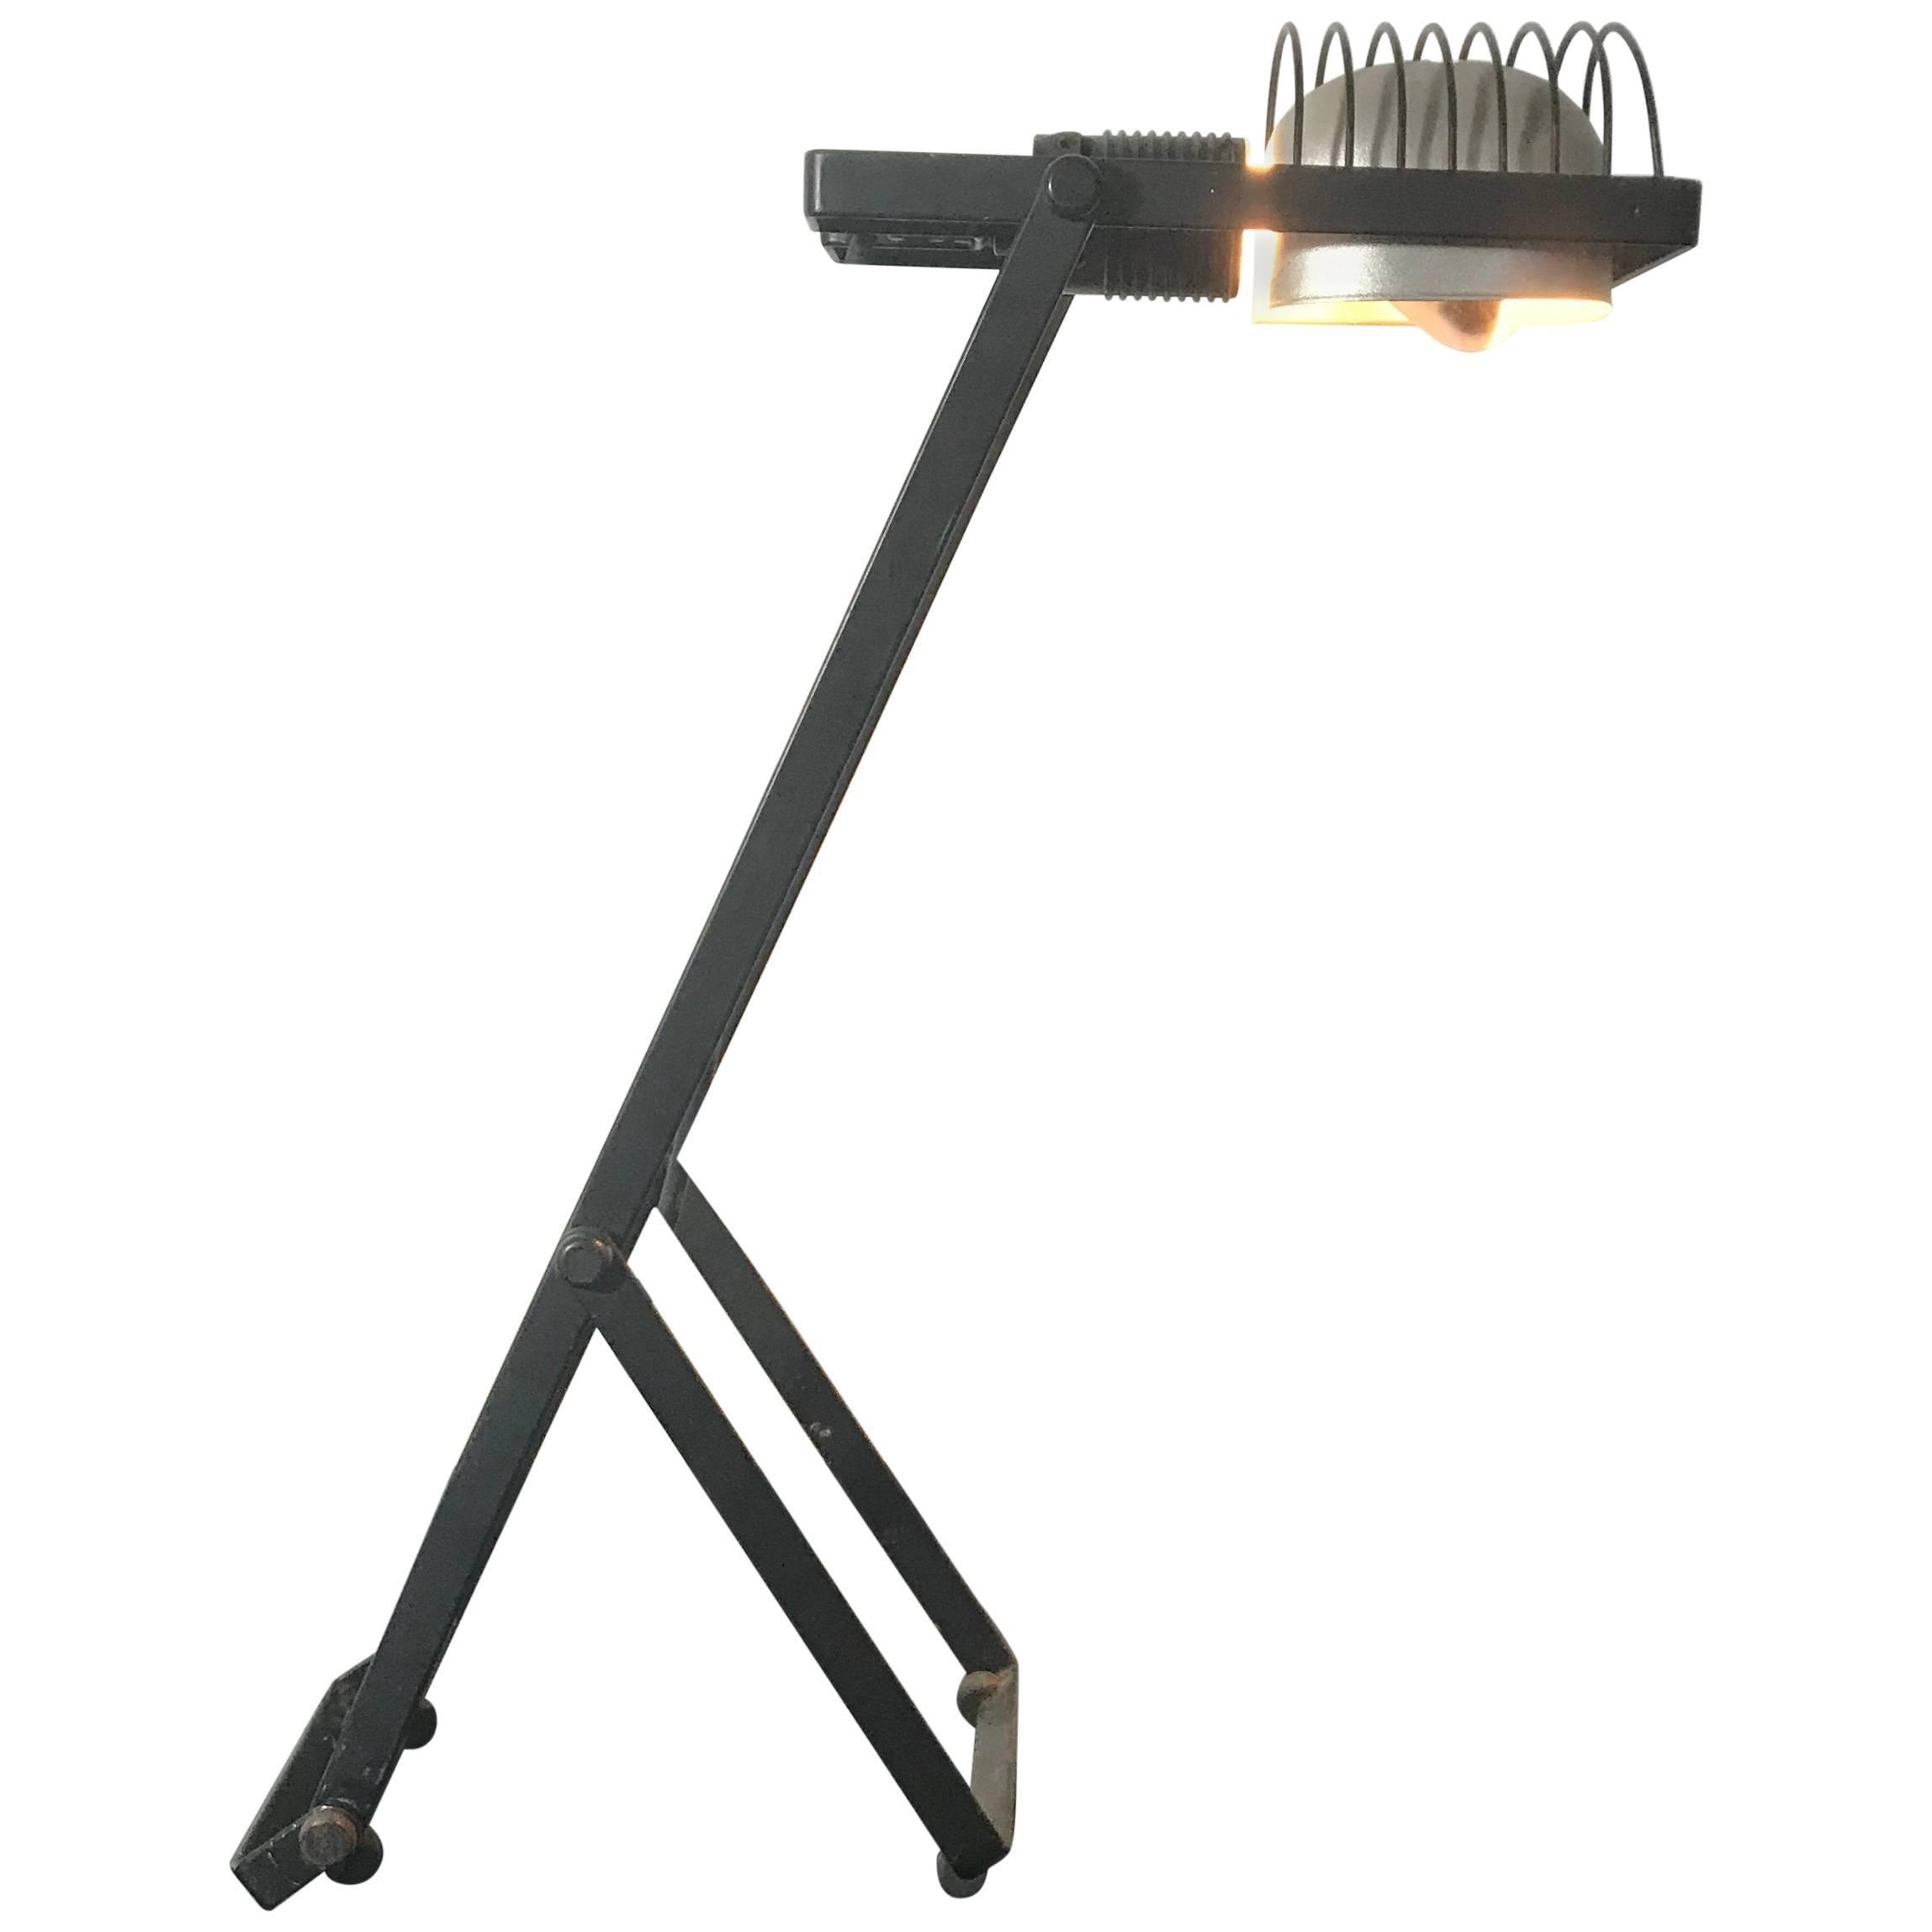 Ernesto Gismondi Sintesi Table or Desk Lamp, Artemide